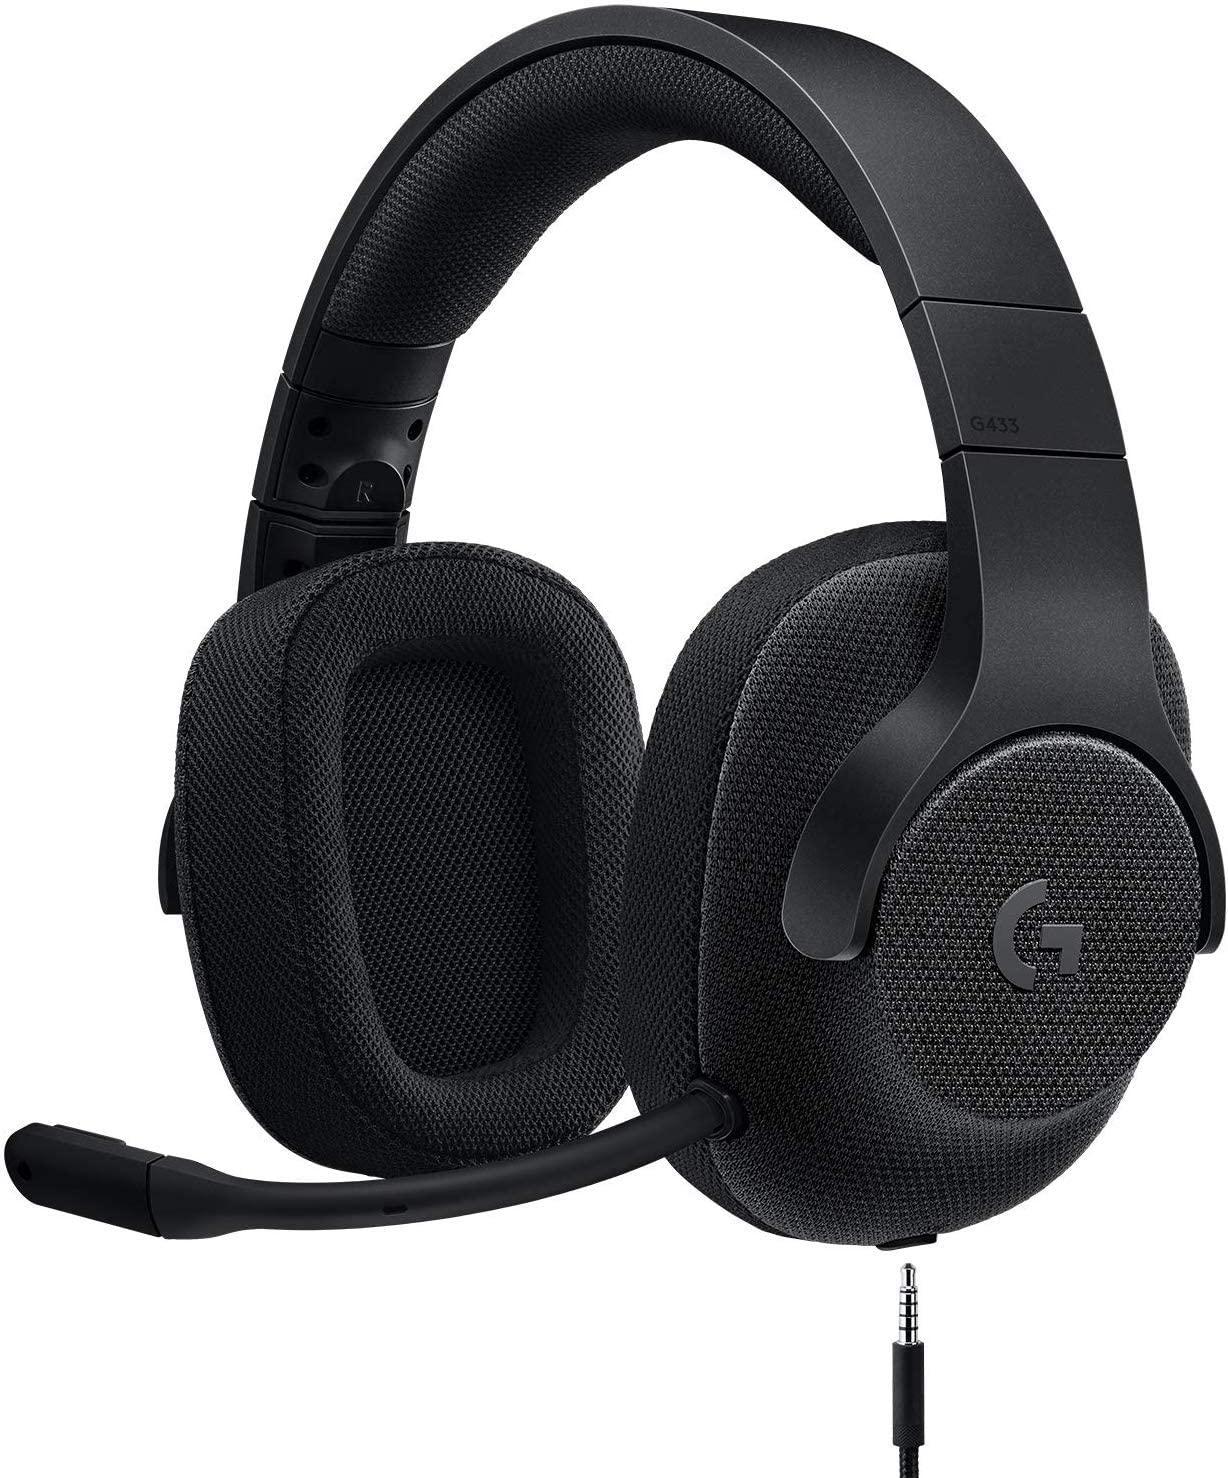 アマゾンでなぜか価格コムで酷評されているLogicool G ゲーミングヘッドセット 有線 G433BKがセール中。